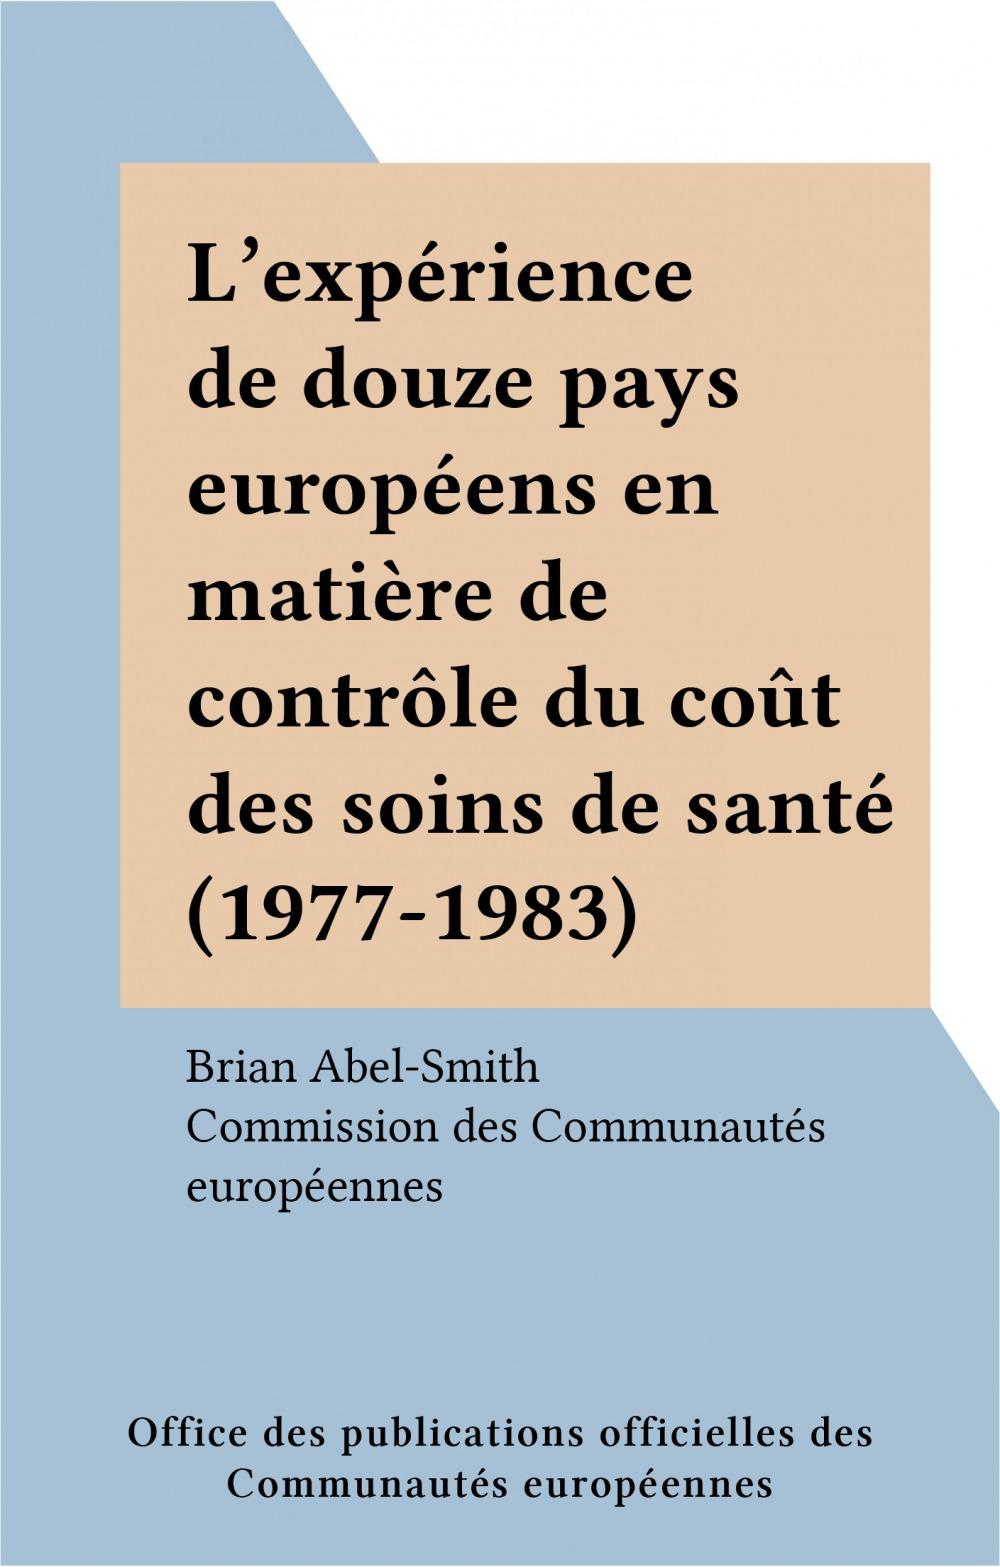 L'expérience de douze pays européens en matière de contrôle du coût des soins de santé (1977-1983)